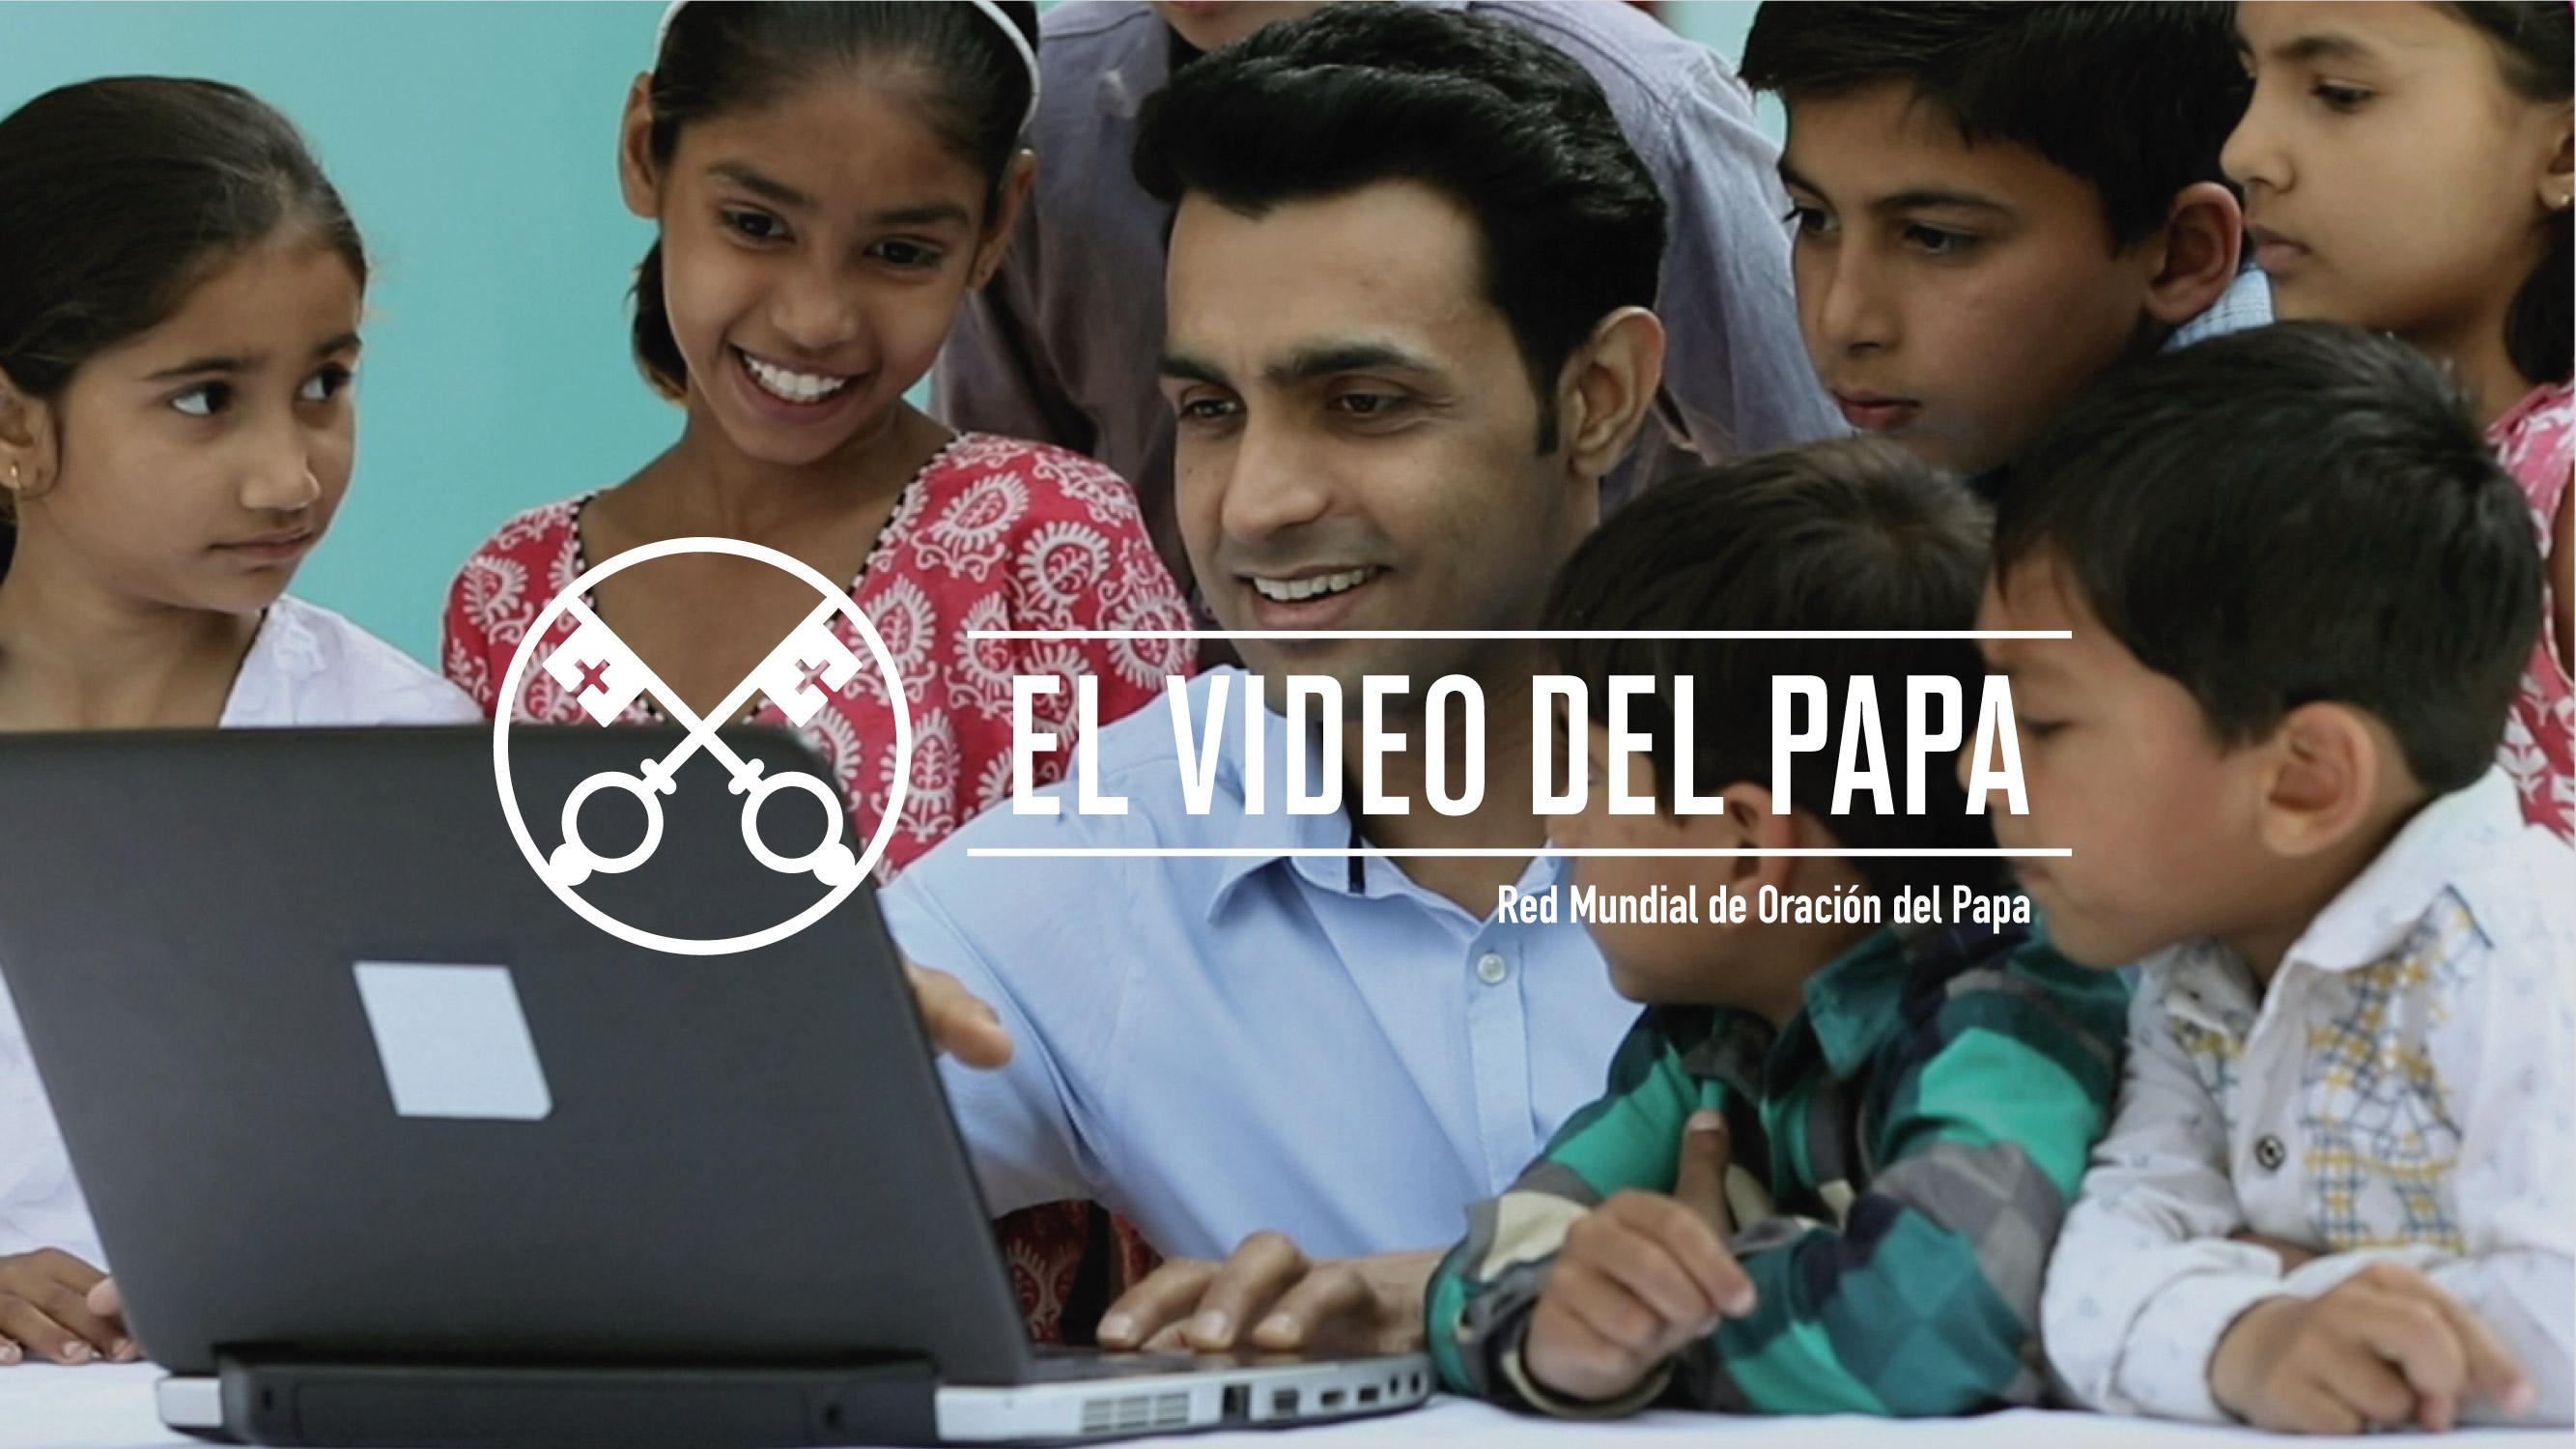 Las redes sociales según Francisco, un espacio de encuentro y solidaridad